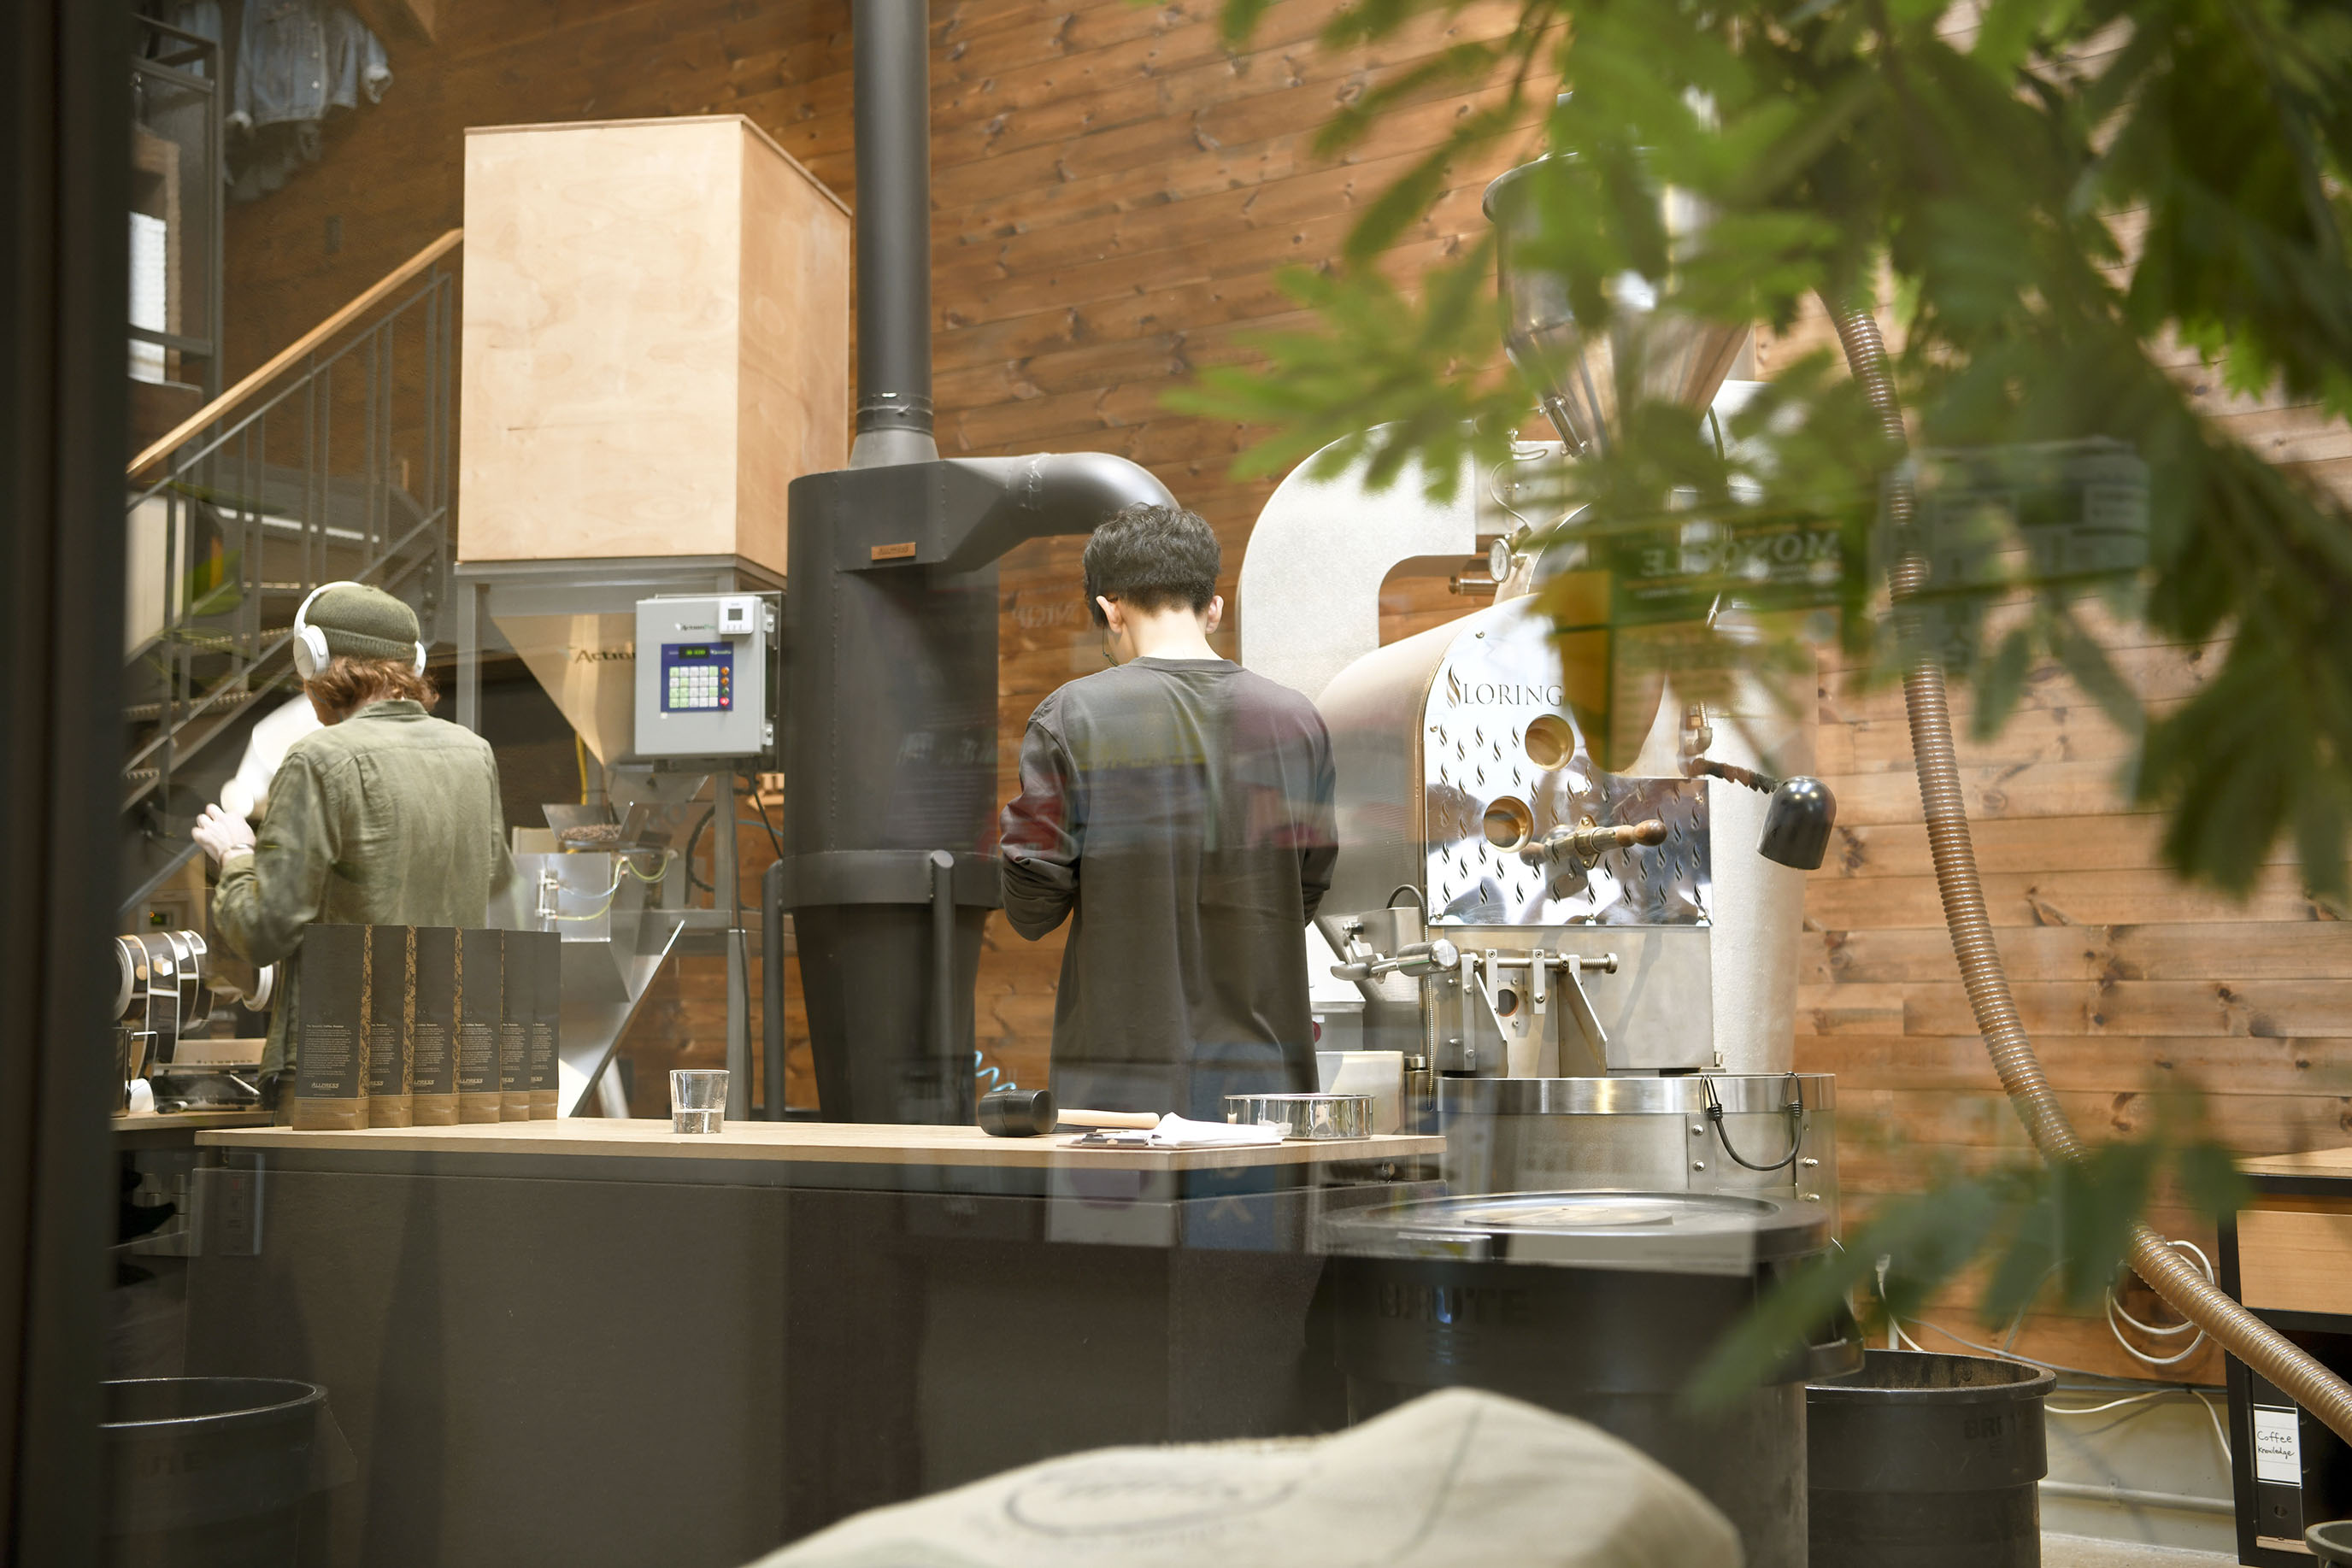 東京清澄白河,想點一杯不哭的咖啡|Allpress Espresso Tokyo Roastery & Cafe